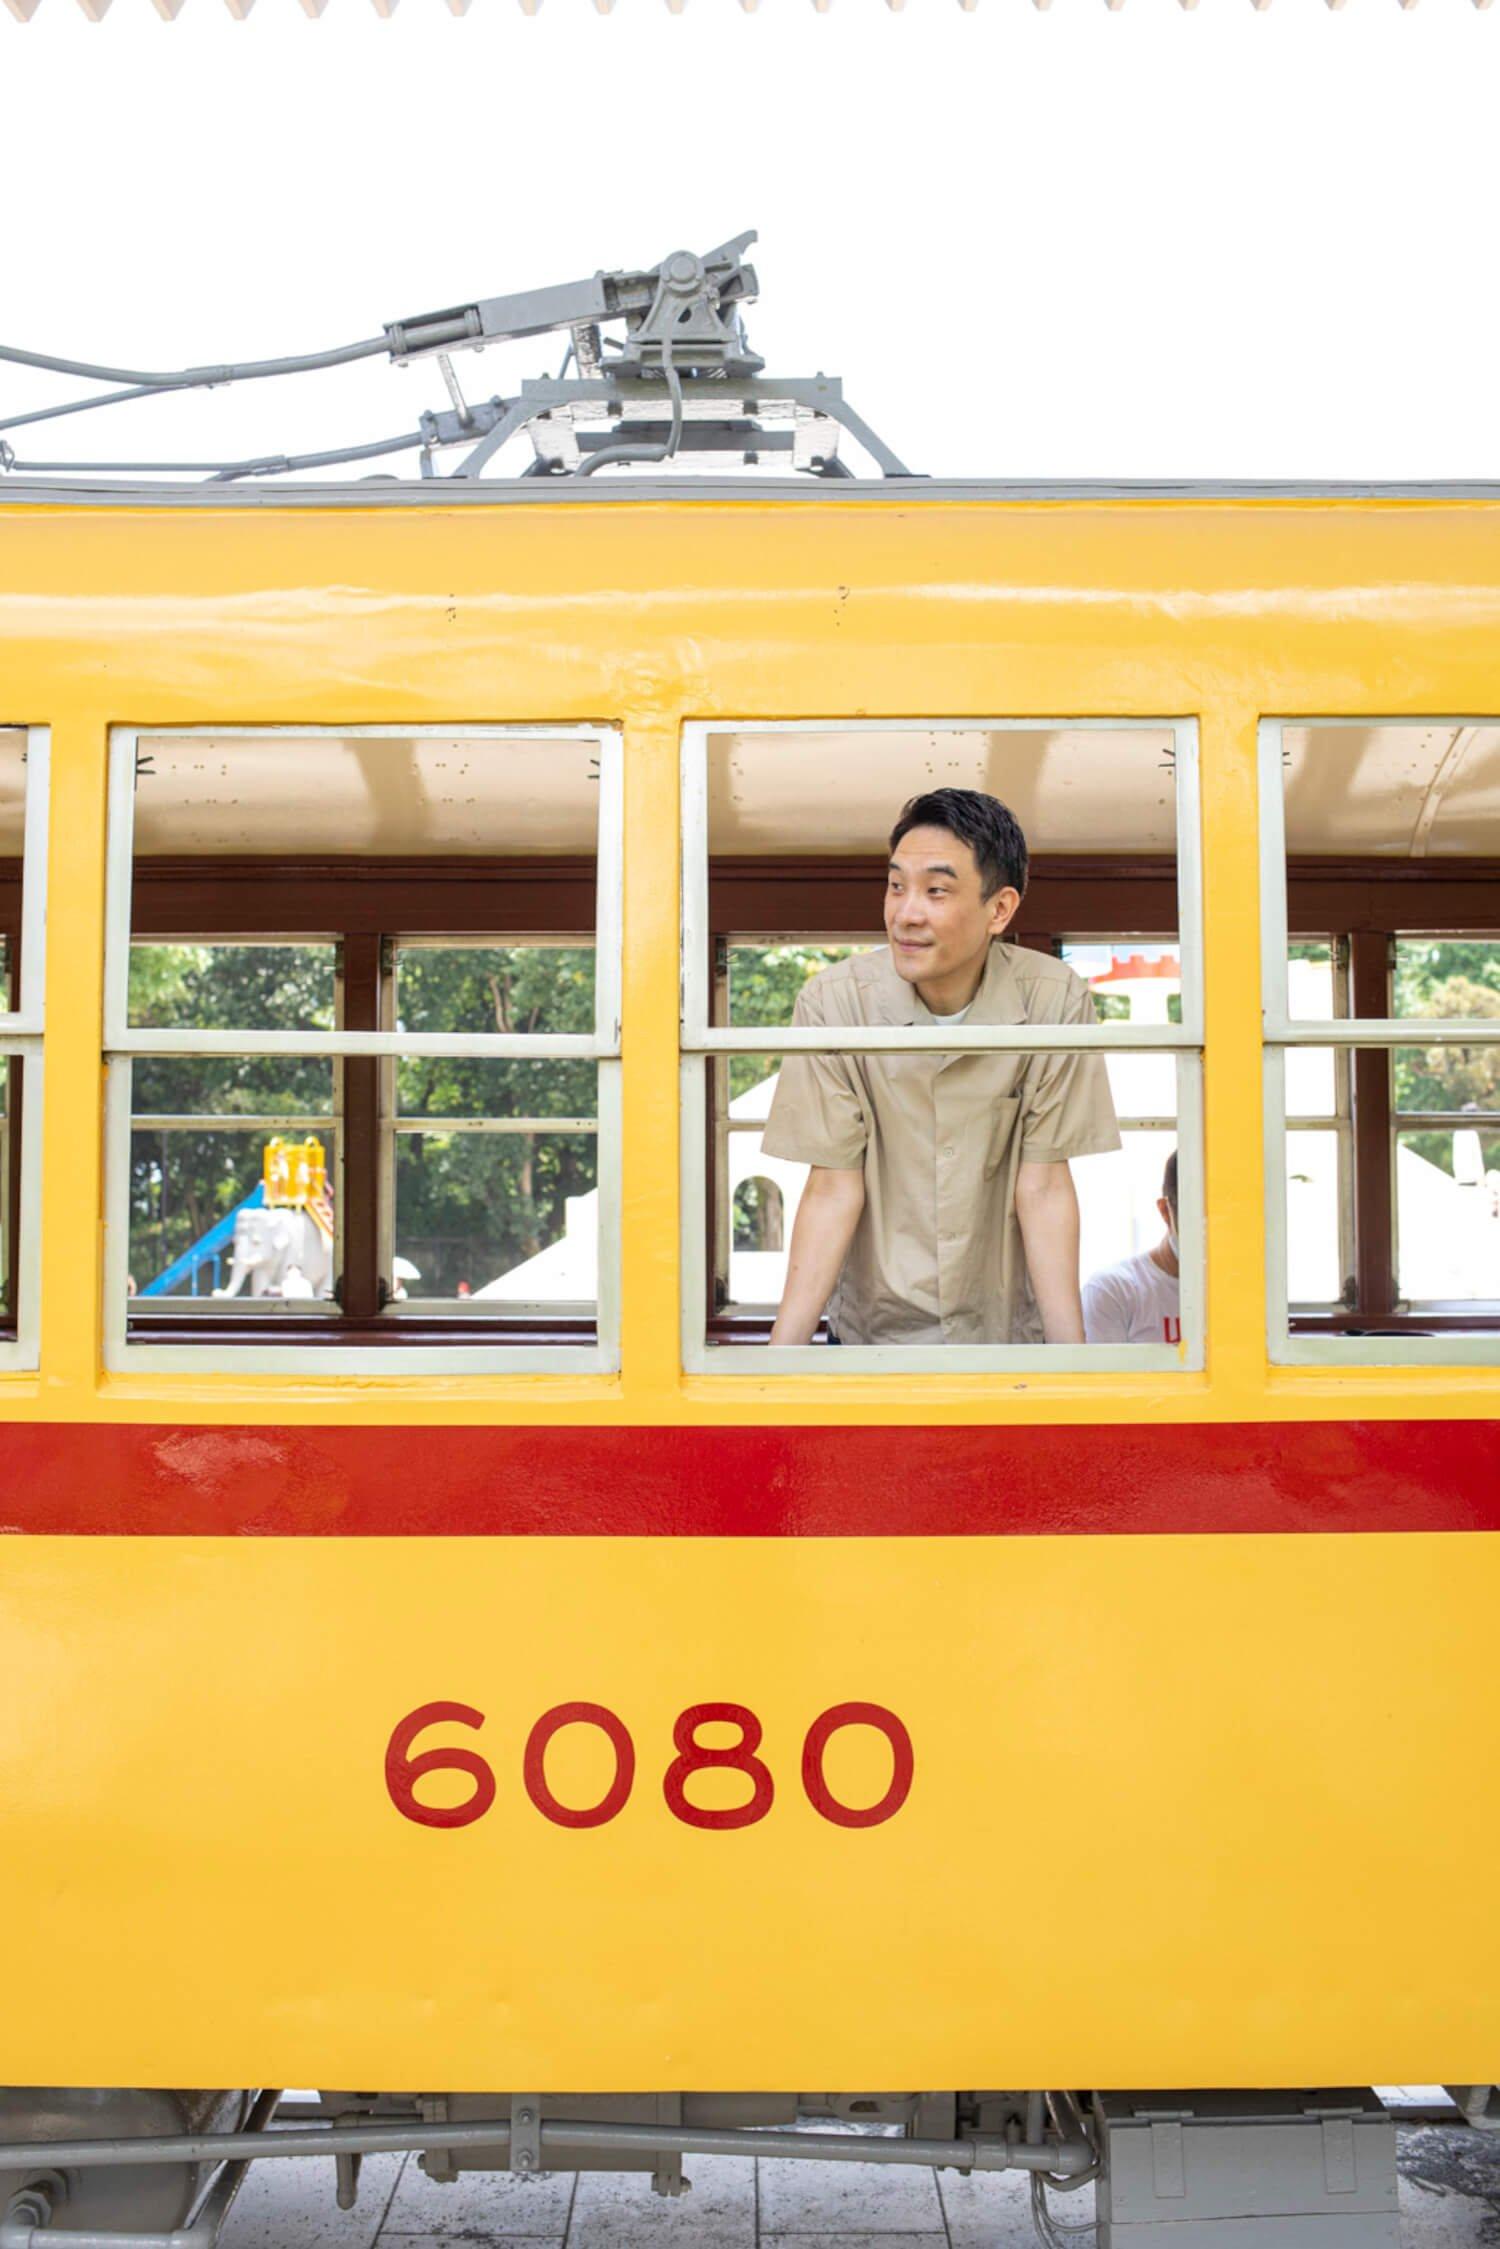 飛鳥山公園にて。『都電物語』に登場したに違いない6000系の車窓から、昭和の日本橋が見える?